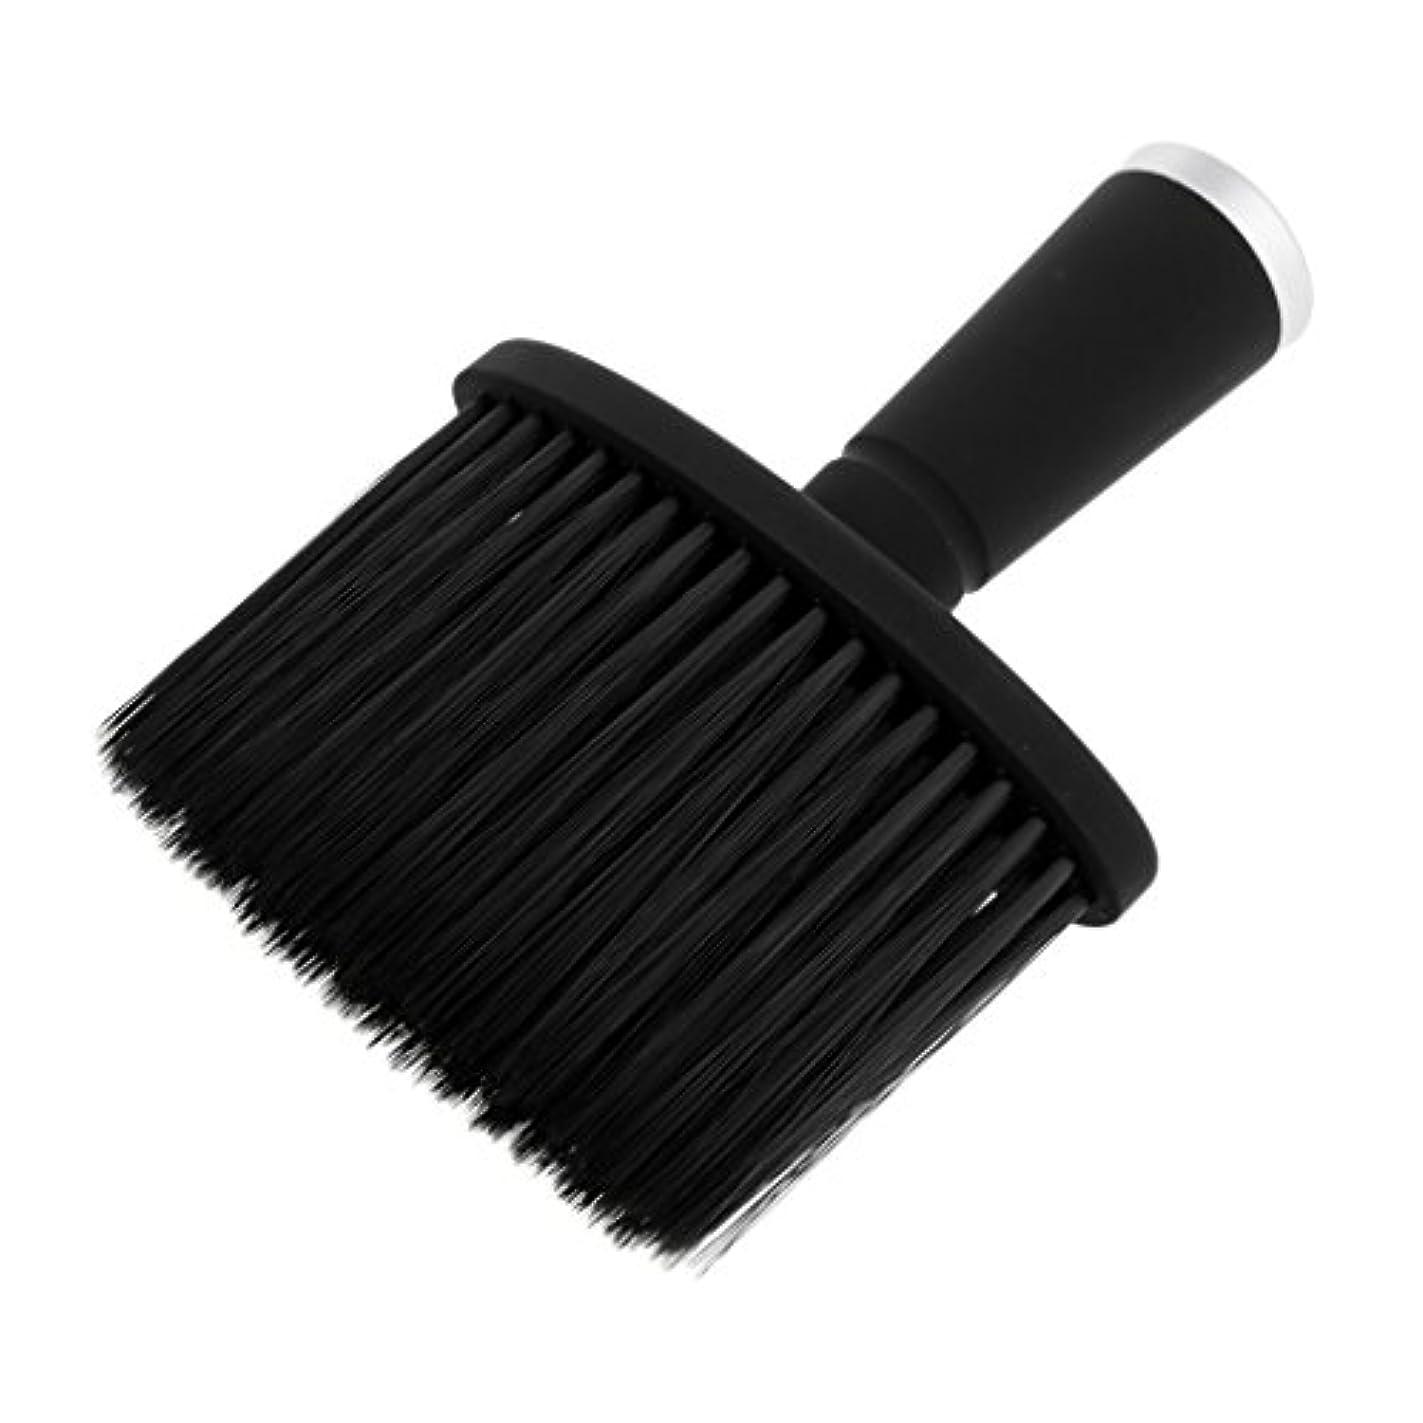 舌精神医学振るソフトネックダスターブラシサロンのためのスタイリストの理髪髪ヘアカットメイクツール - 銀